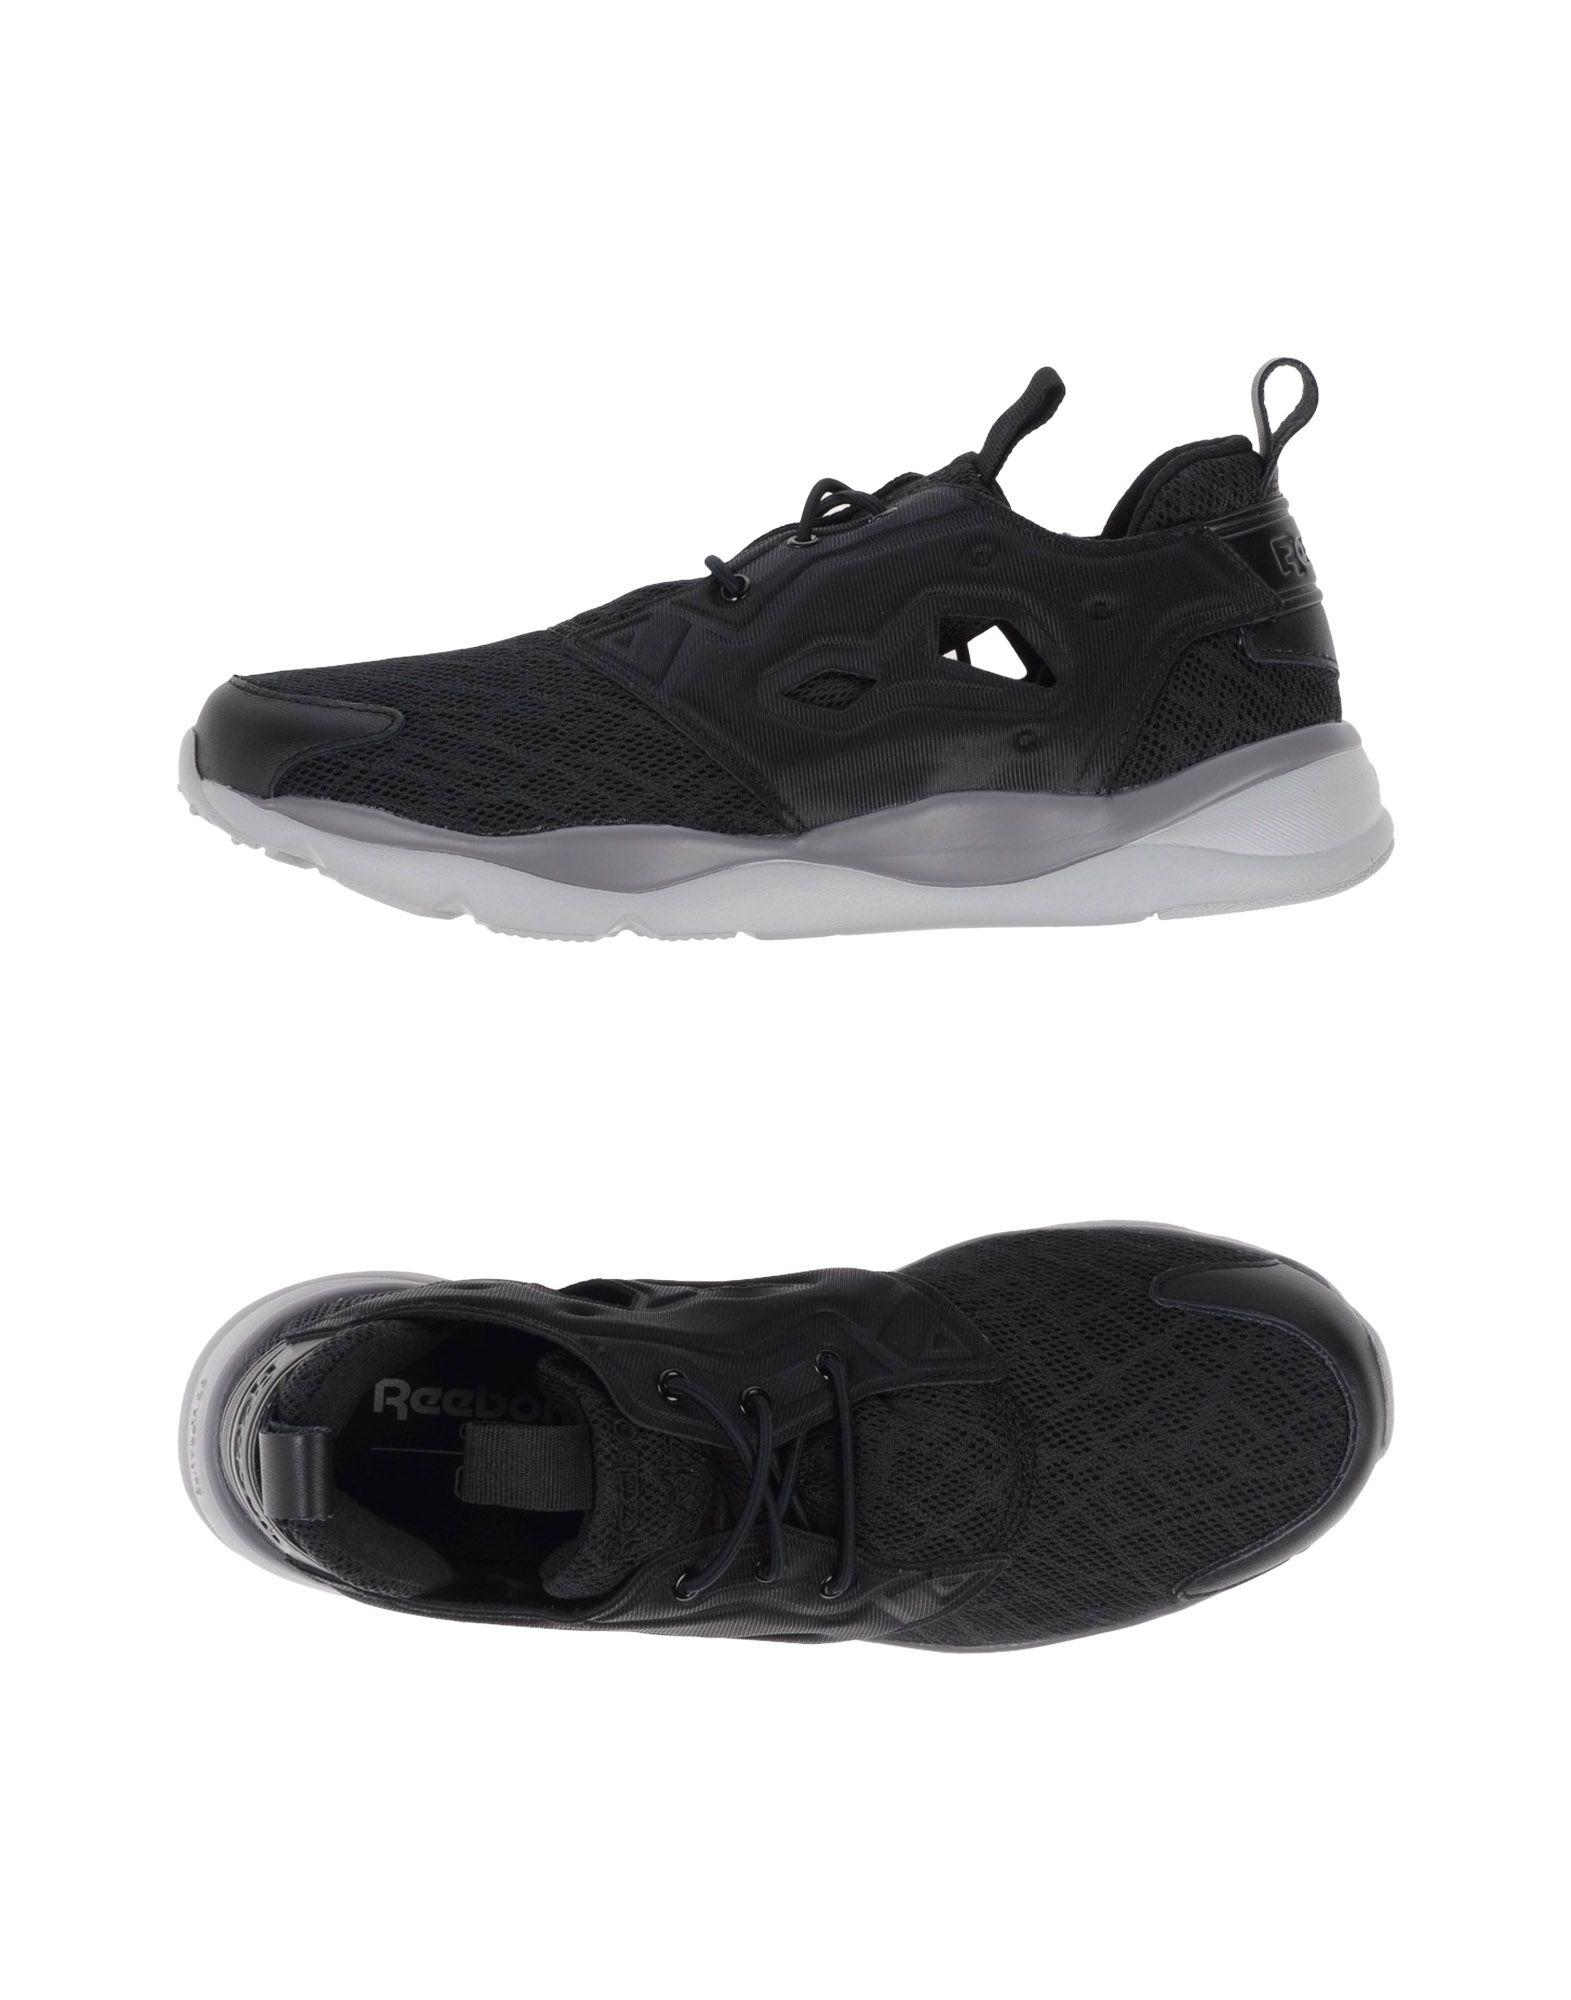 《送料無料》REEBOK メンズ スニーカー&テニスシューズ(ローカット) ブラック 5 紡績繊維 / ゴム